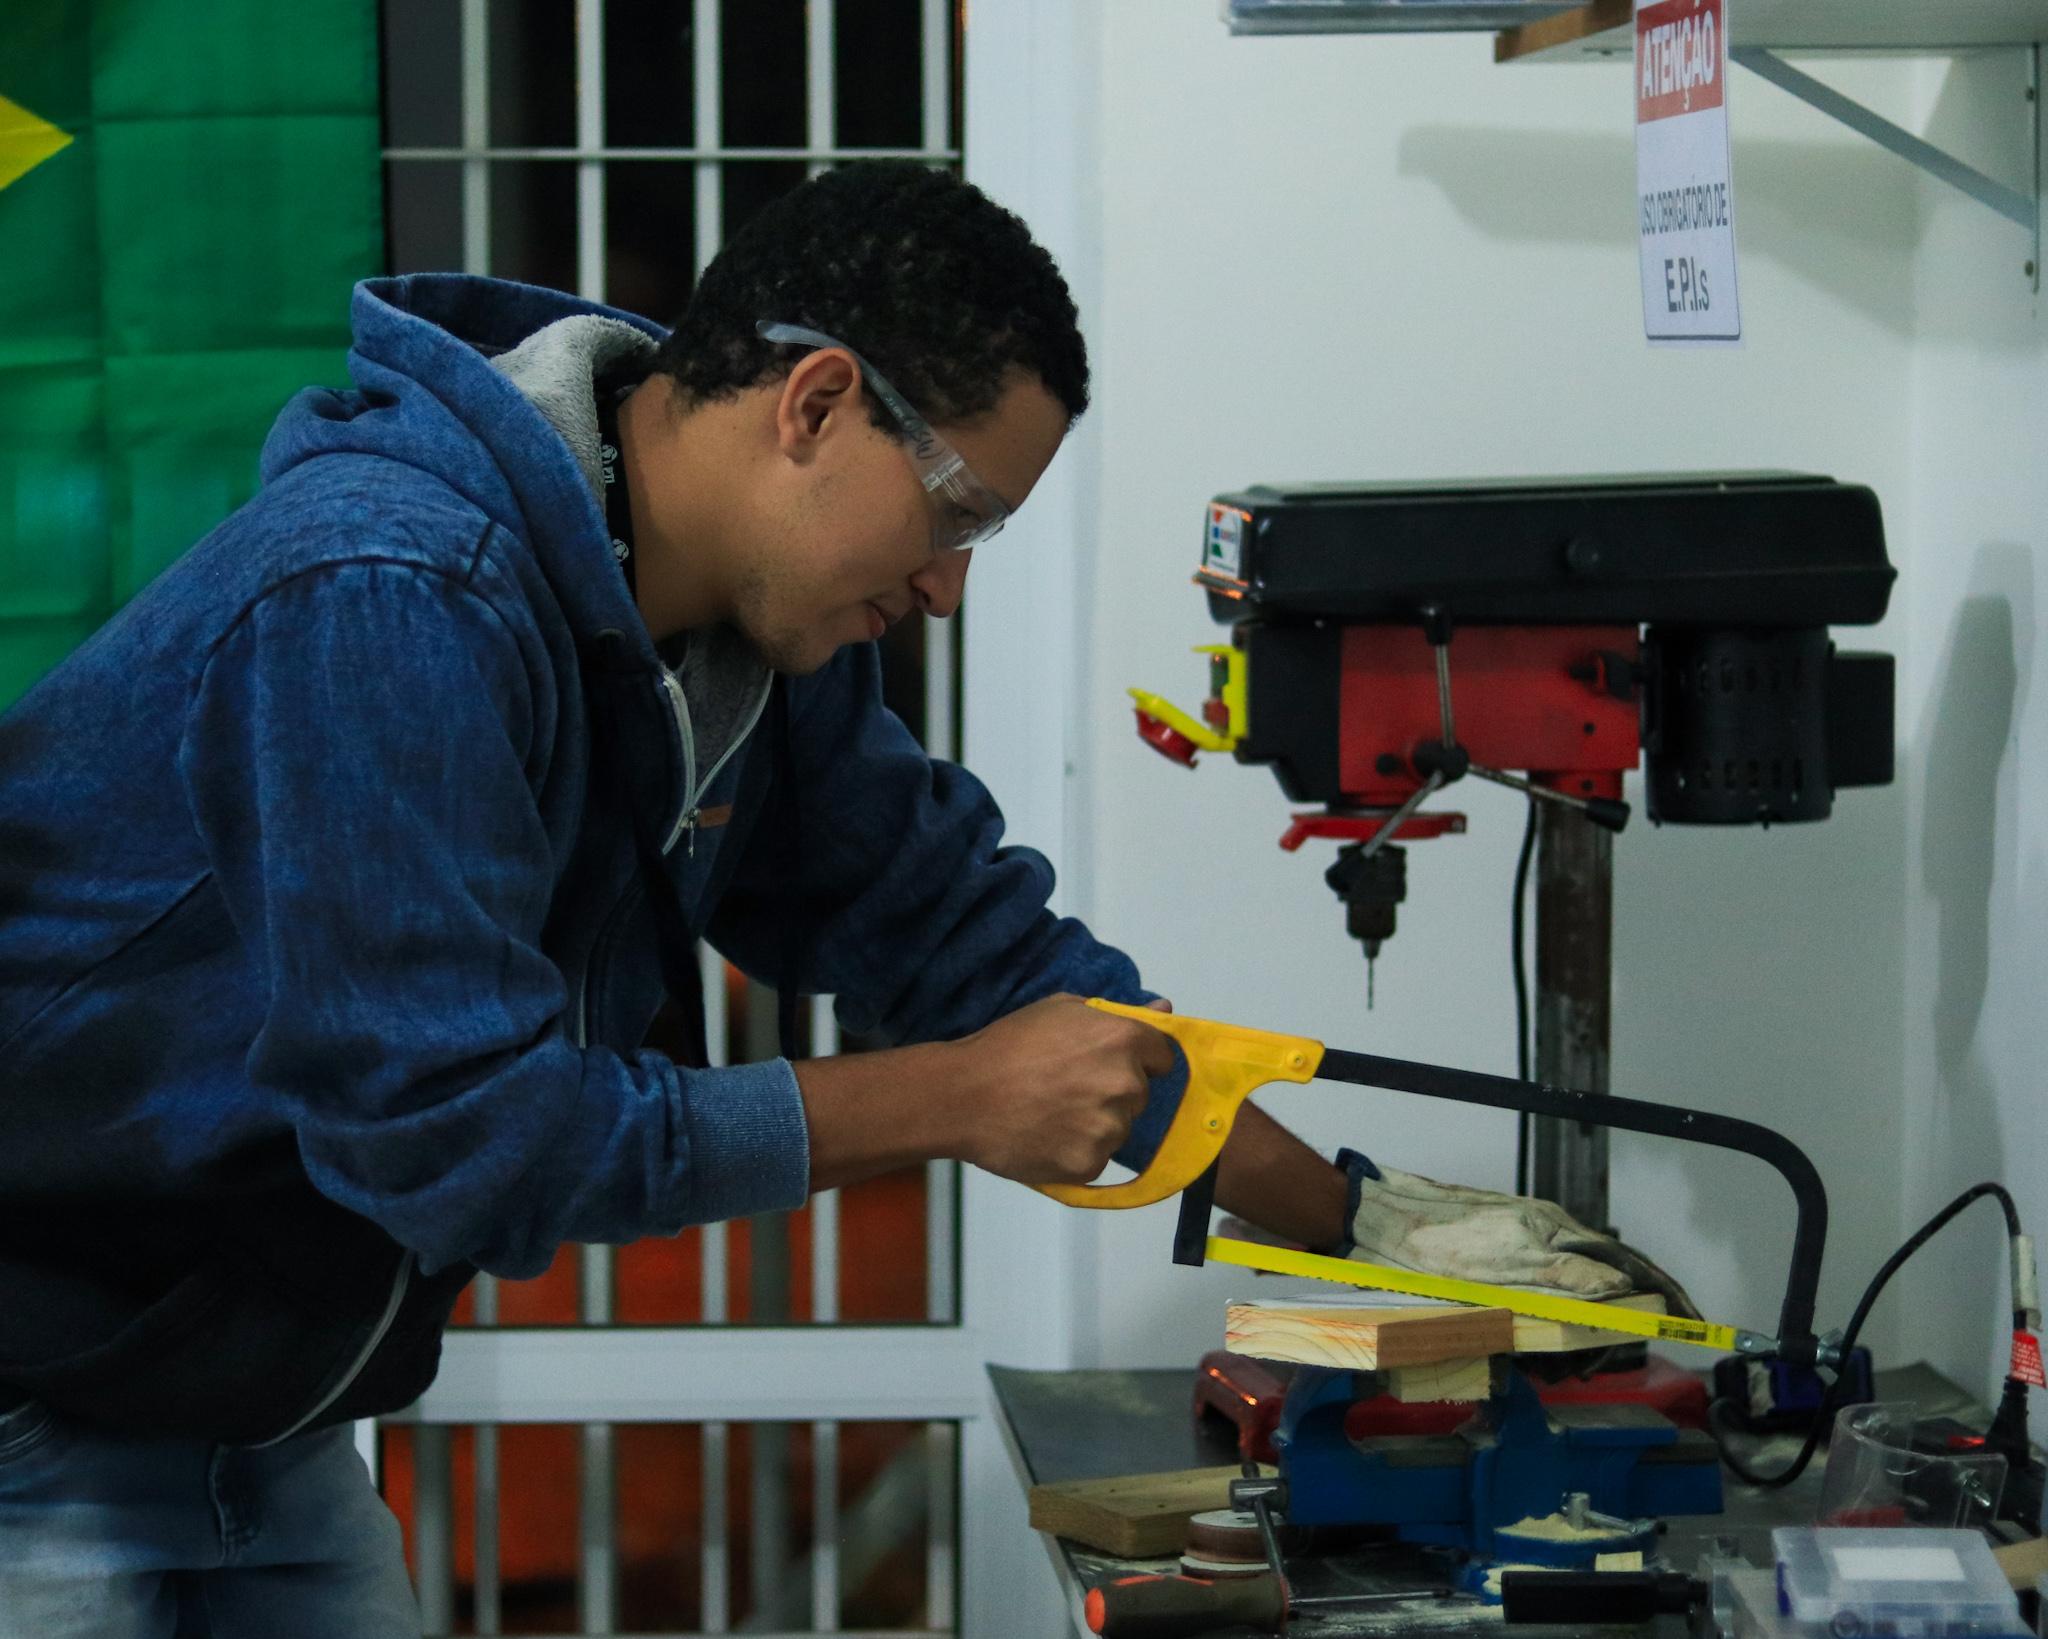 estudante corta um pedaço de madeira com uma serra